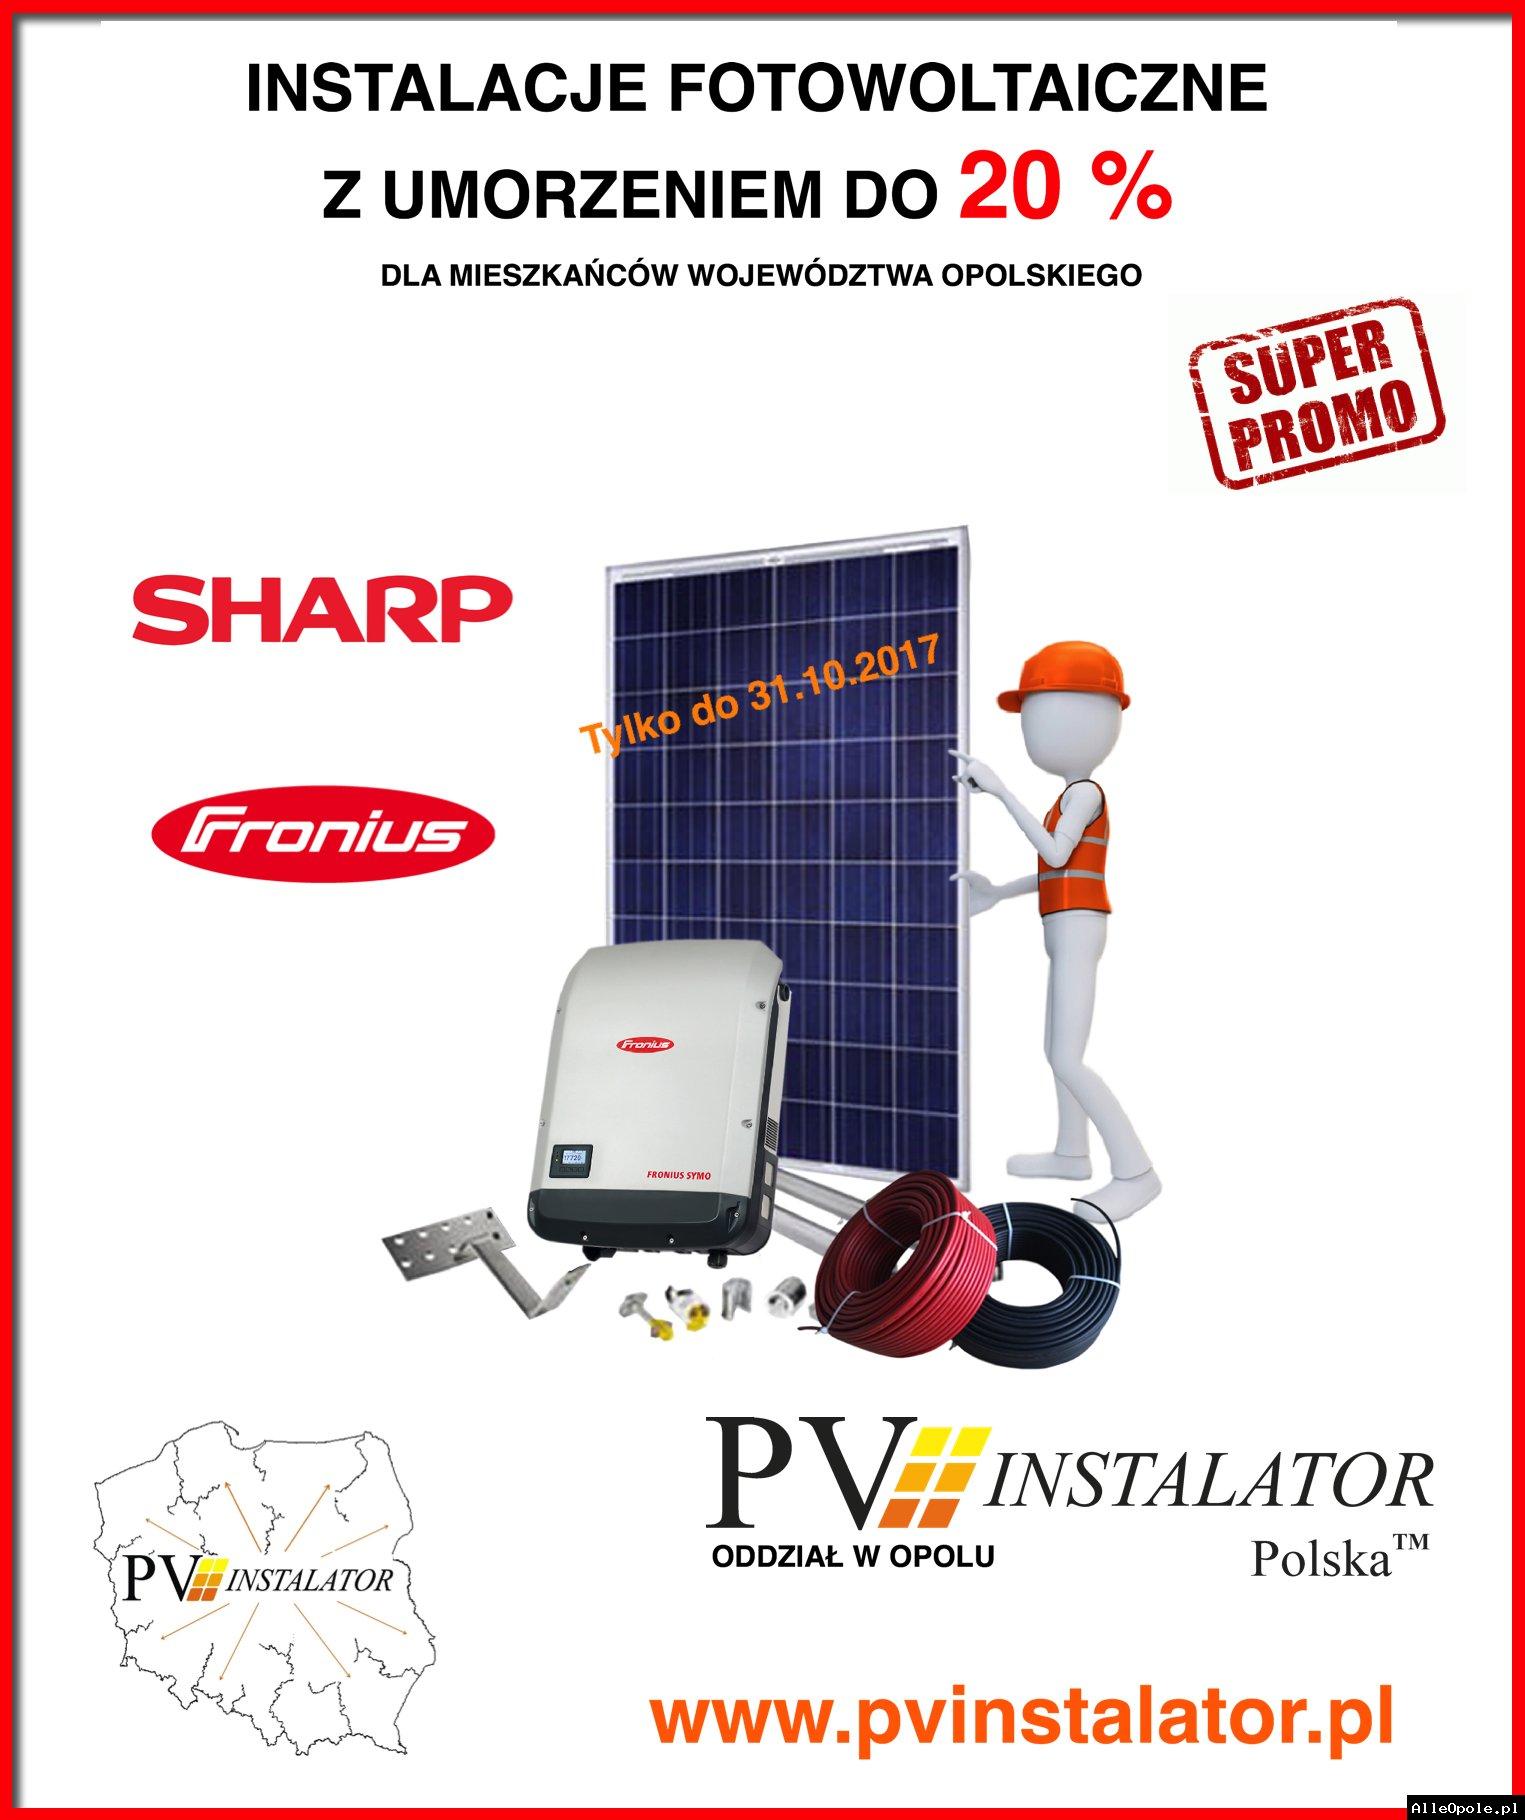 Instalacje fotowoltaiczne z 20 % umorzeniem pożyczki. Obniż rachunki za prad nawet o 80 %